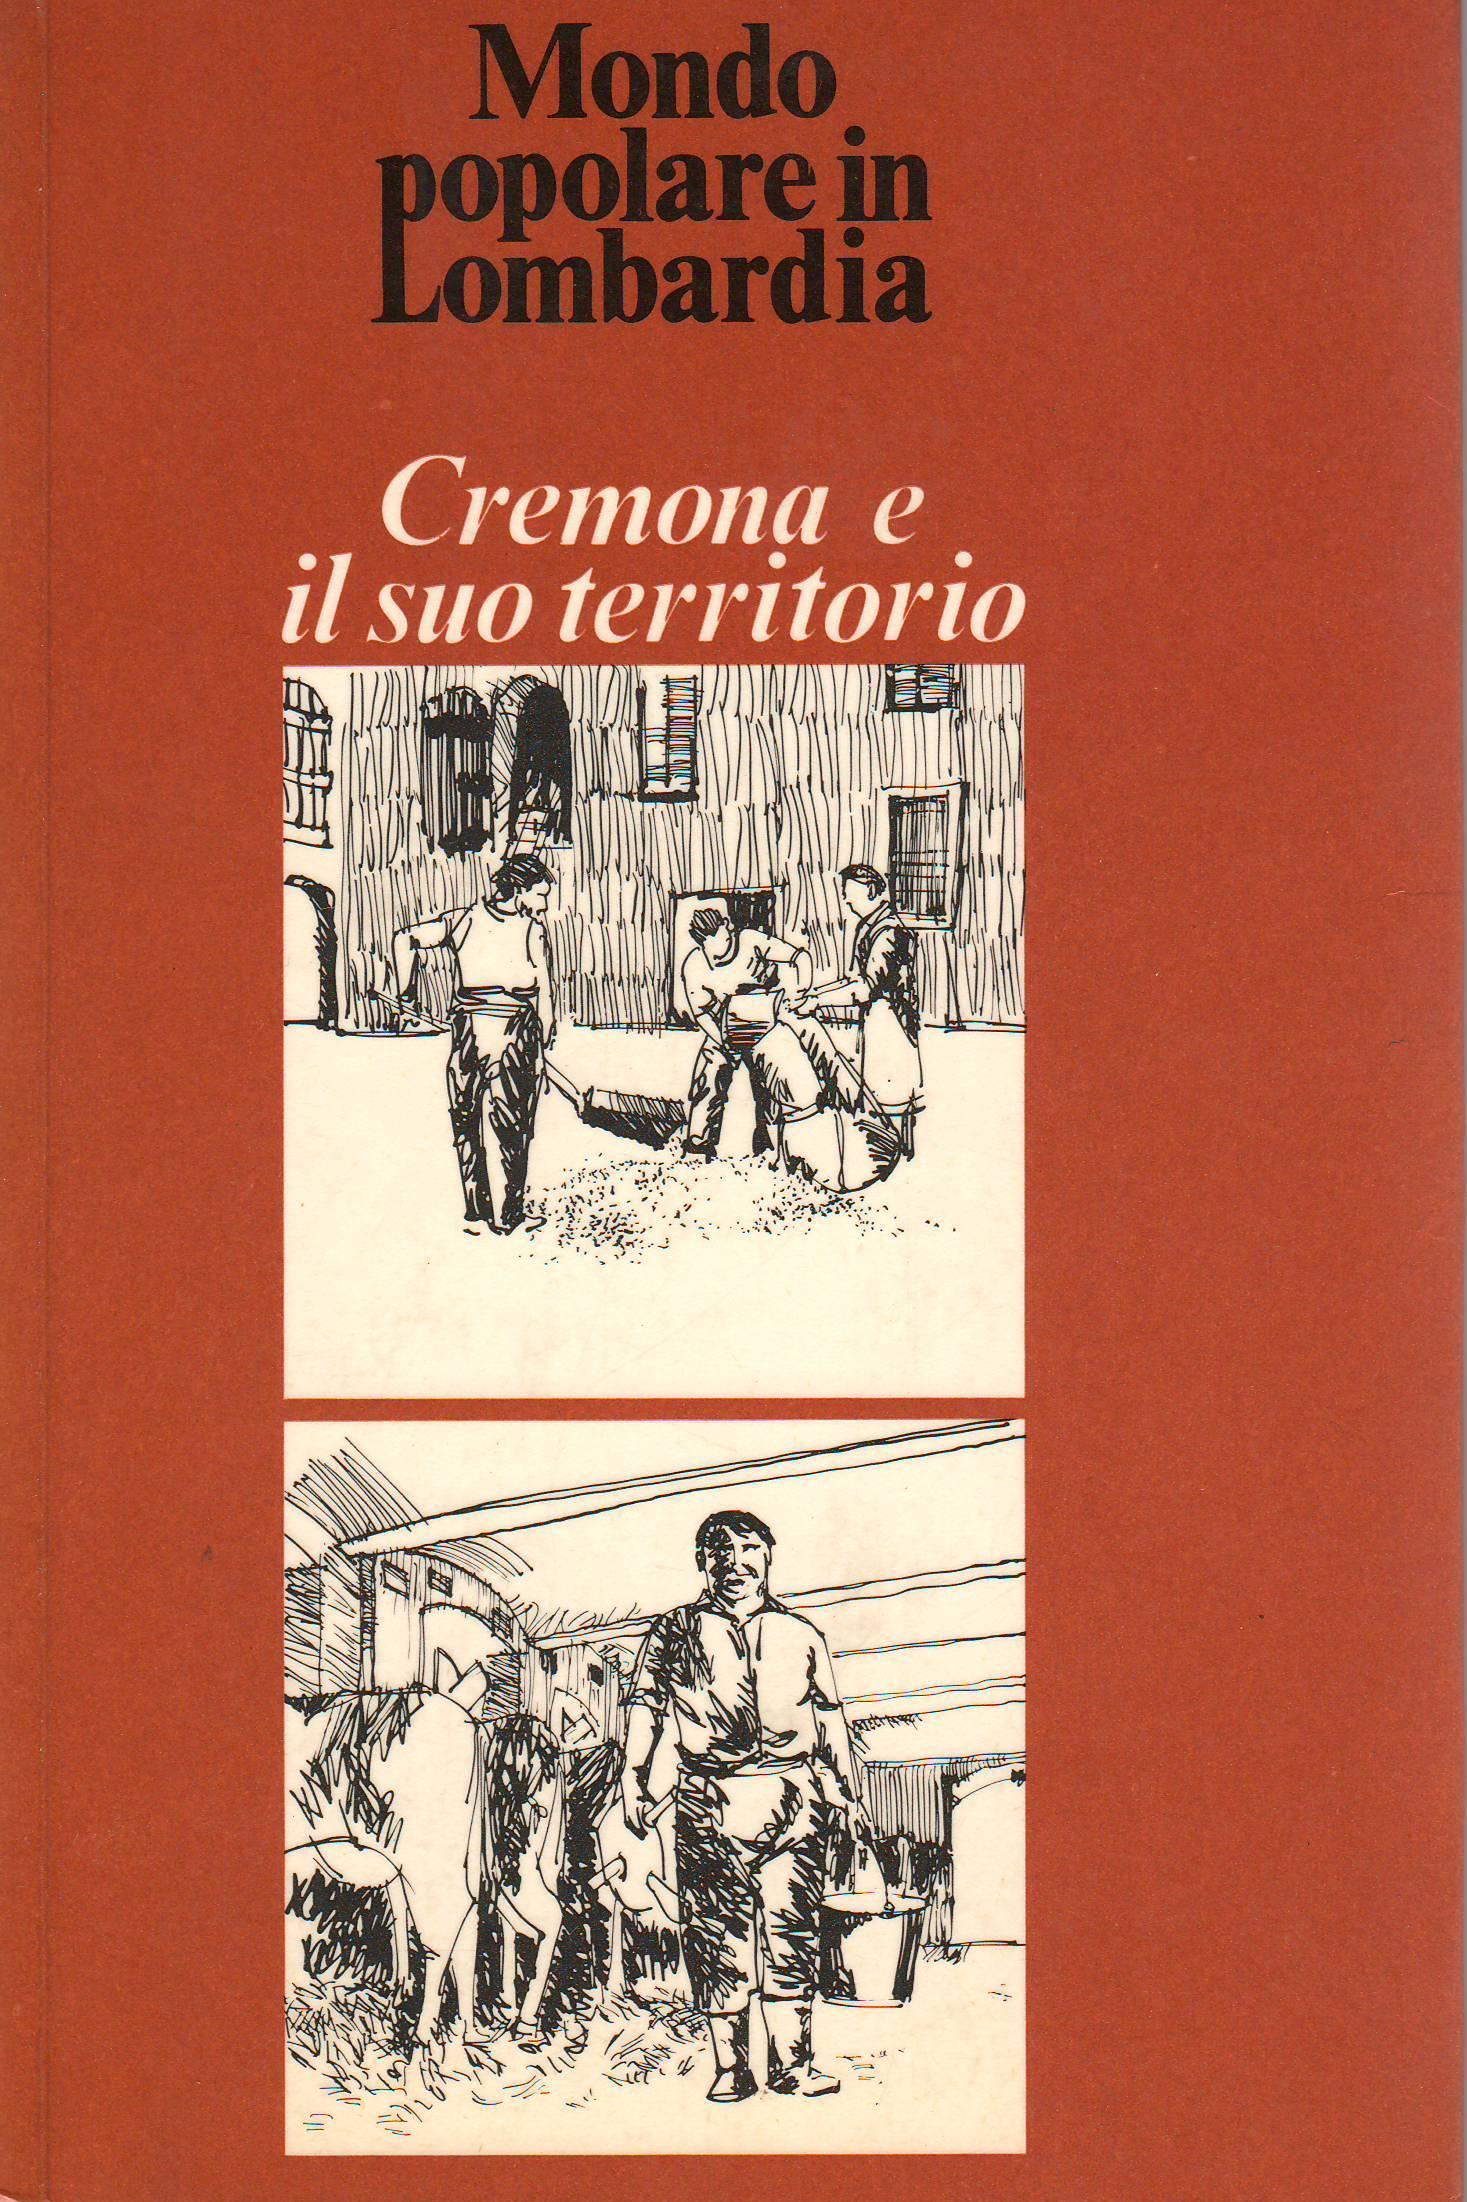 Cremona e il suo territorio